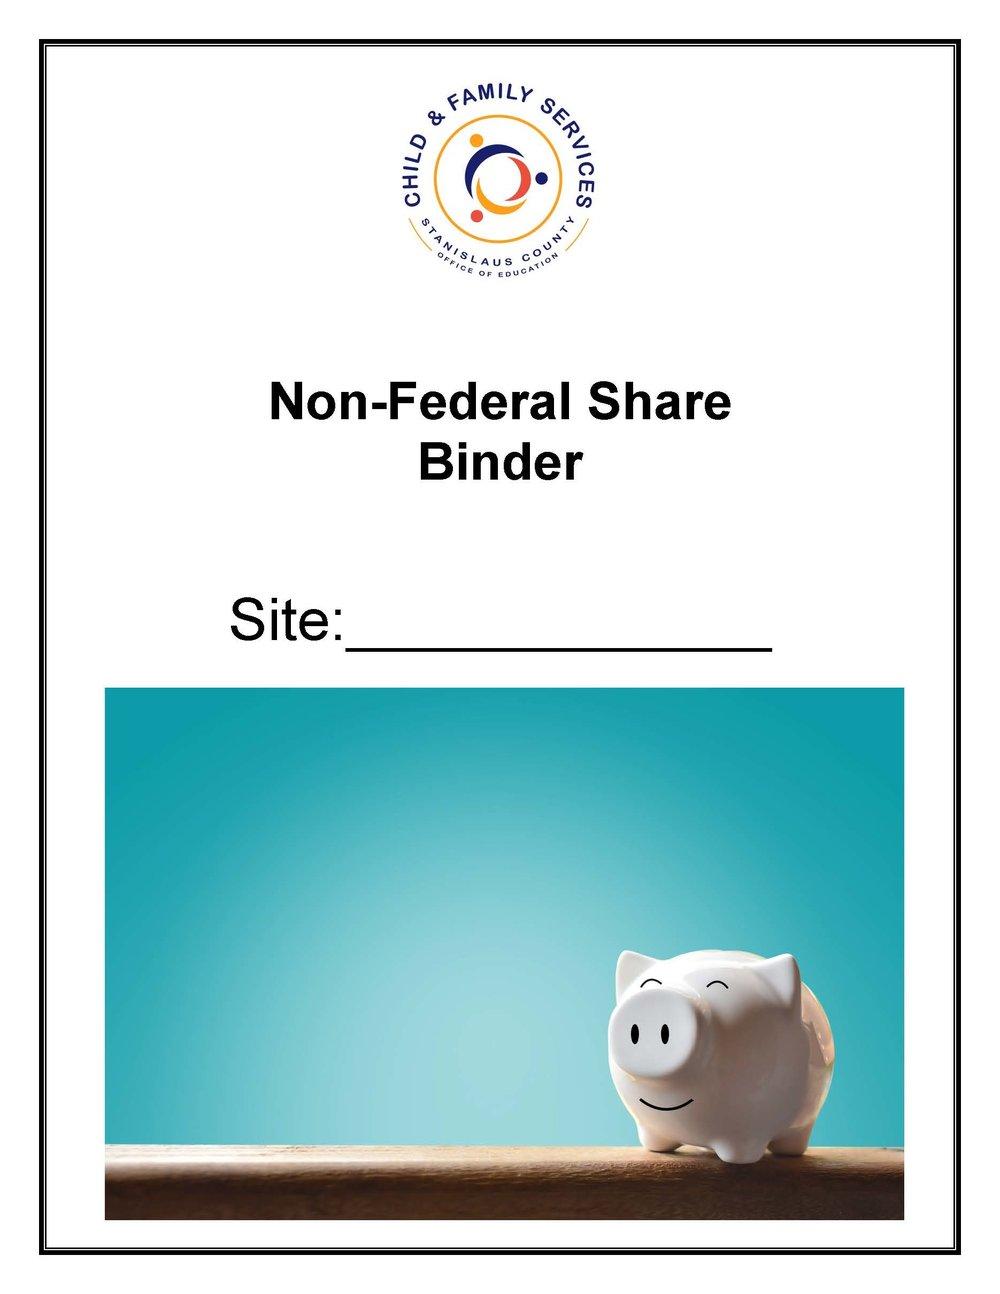 NFS Binder_Page_1.jpg